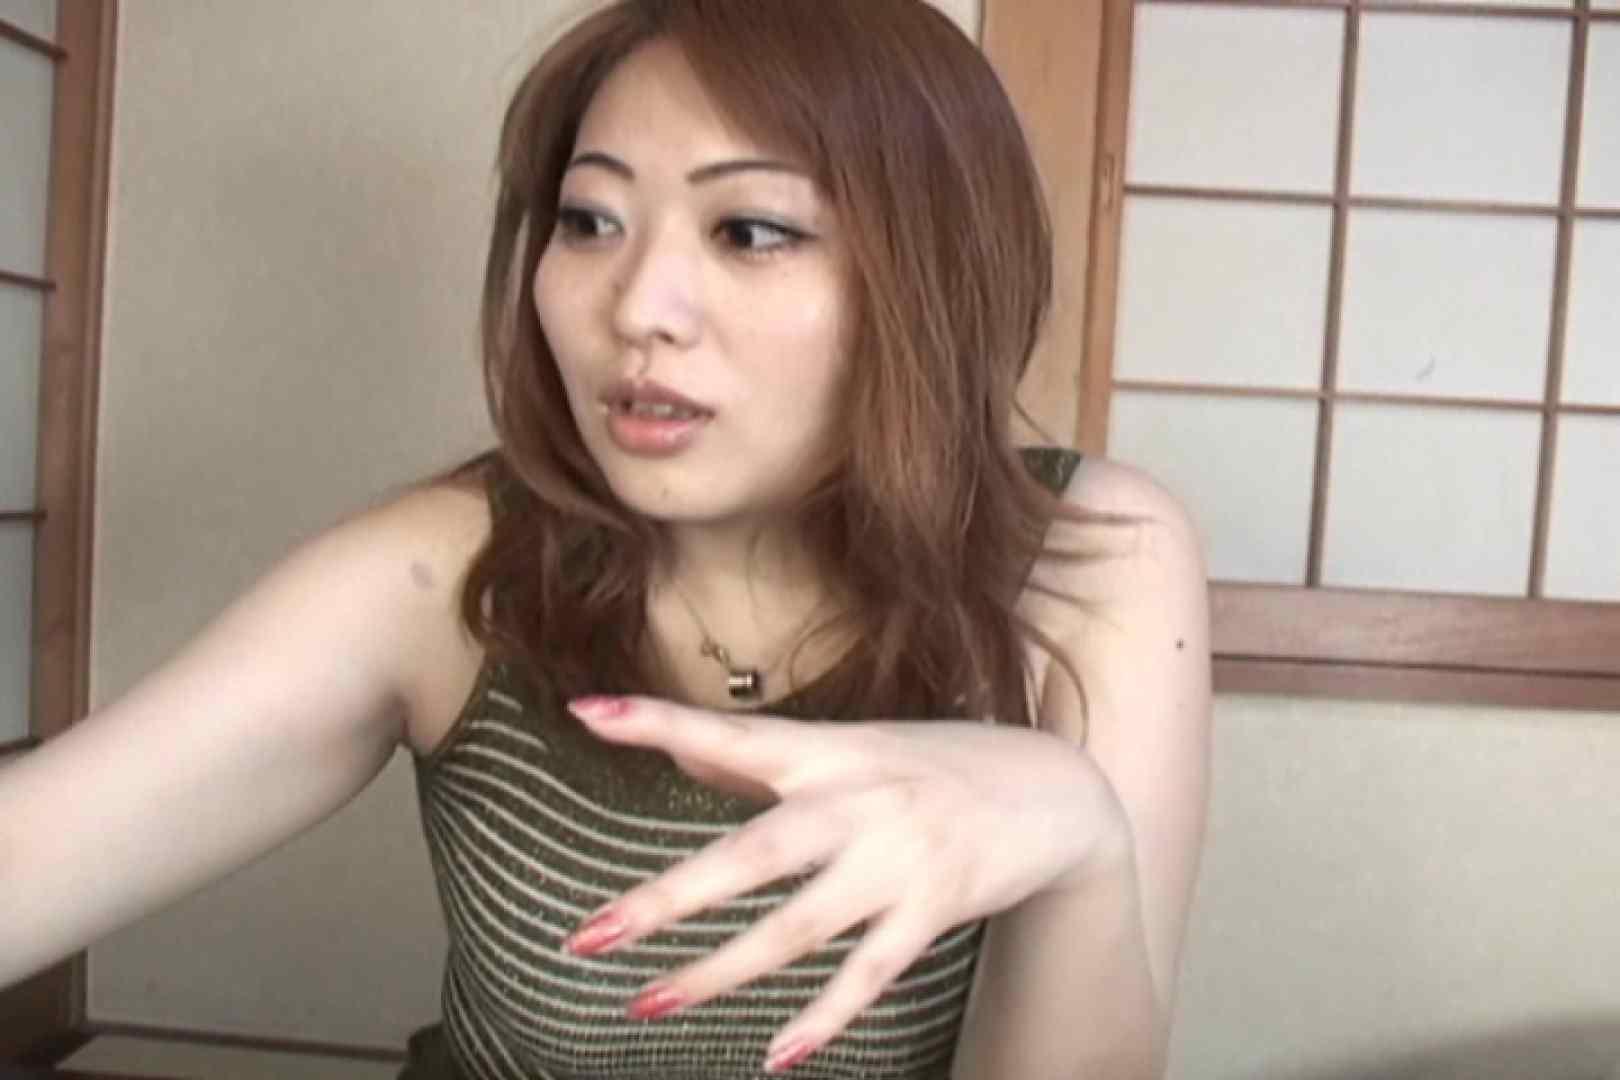 仕事で月200本のチンポを相手する22歳若人妻~桜井あい~ 本番  55pic 19